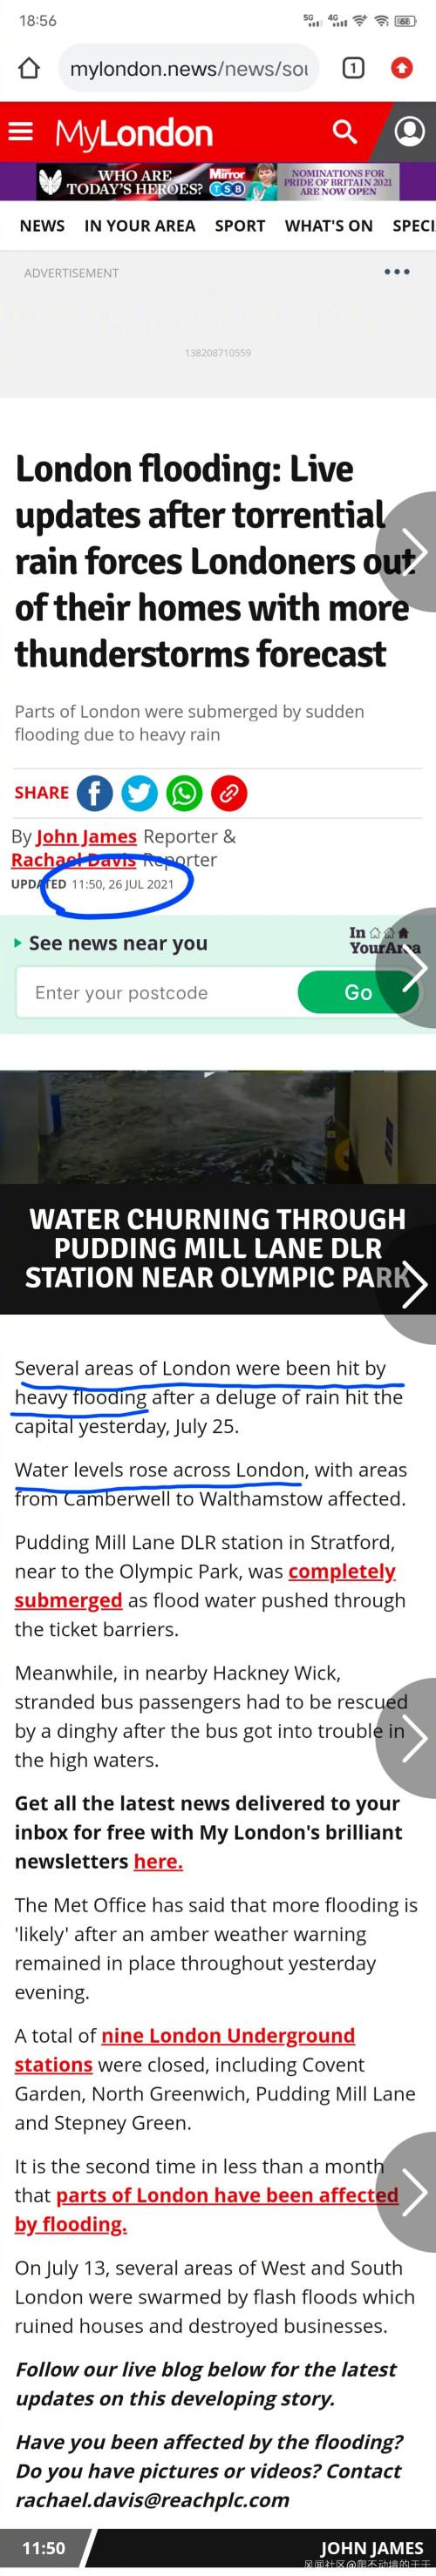 """轮番""""打脸"""":一个旅英作家吹英国,结果英国也淹水了-3"""